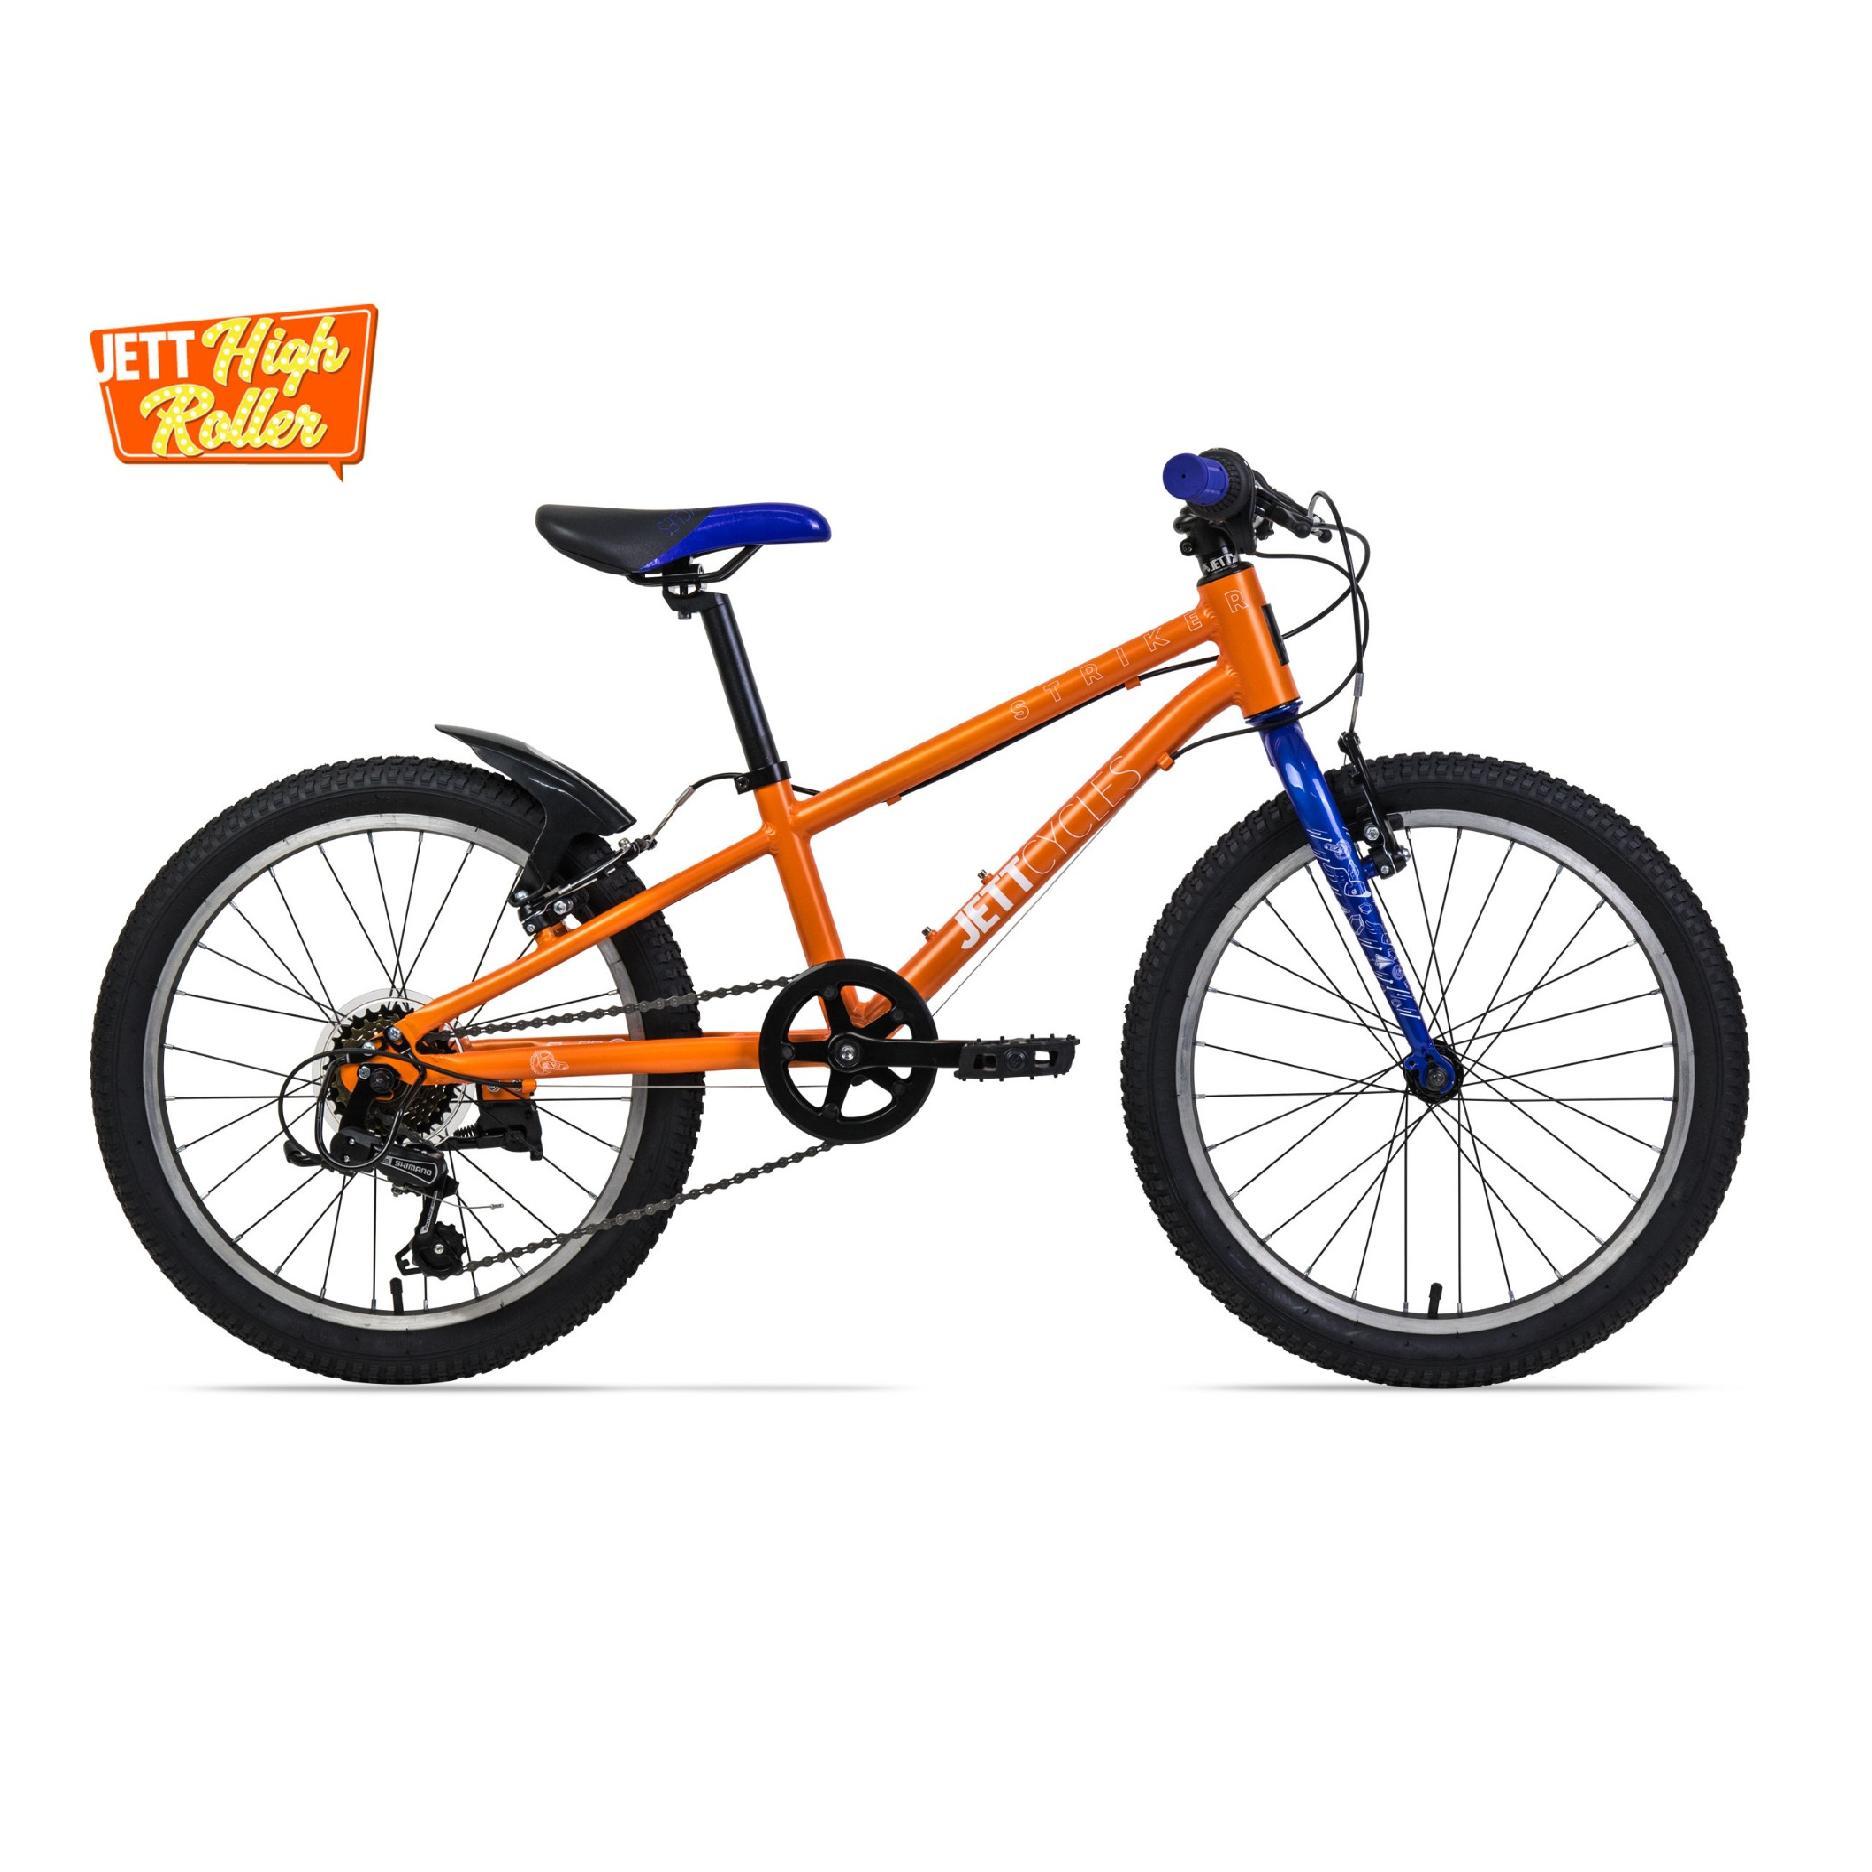 Giá bán Xe đạp trẻ em Jett Cycles Striker (màu cam)